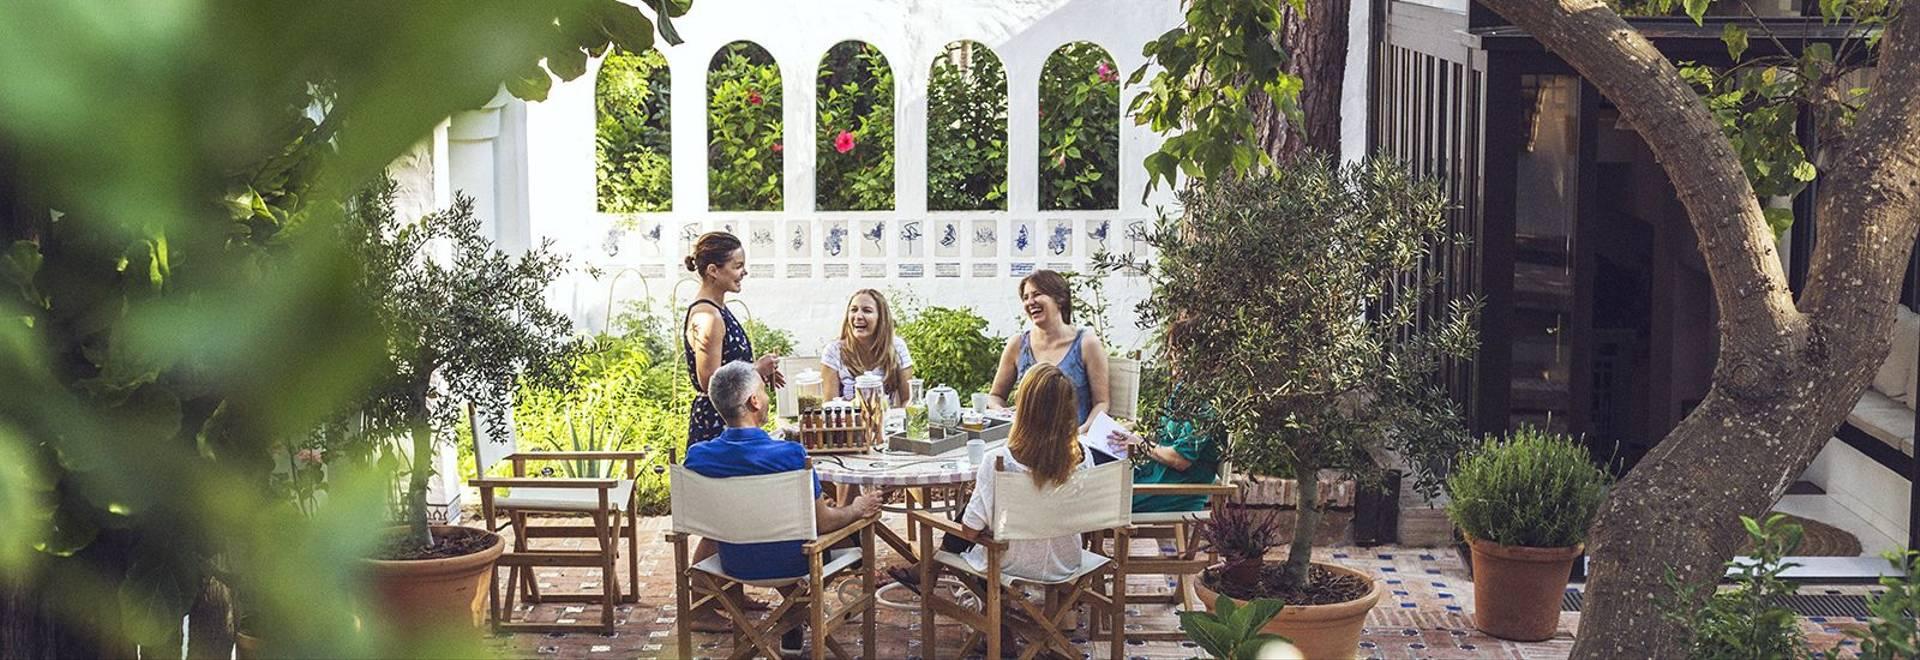 Marbella Club Guests